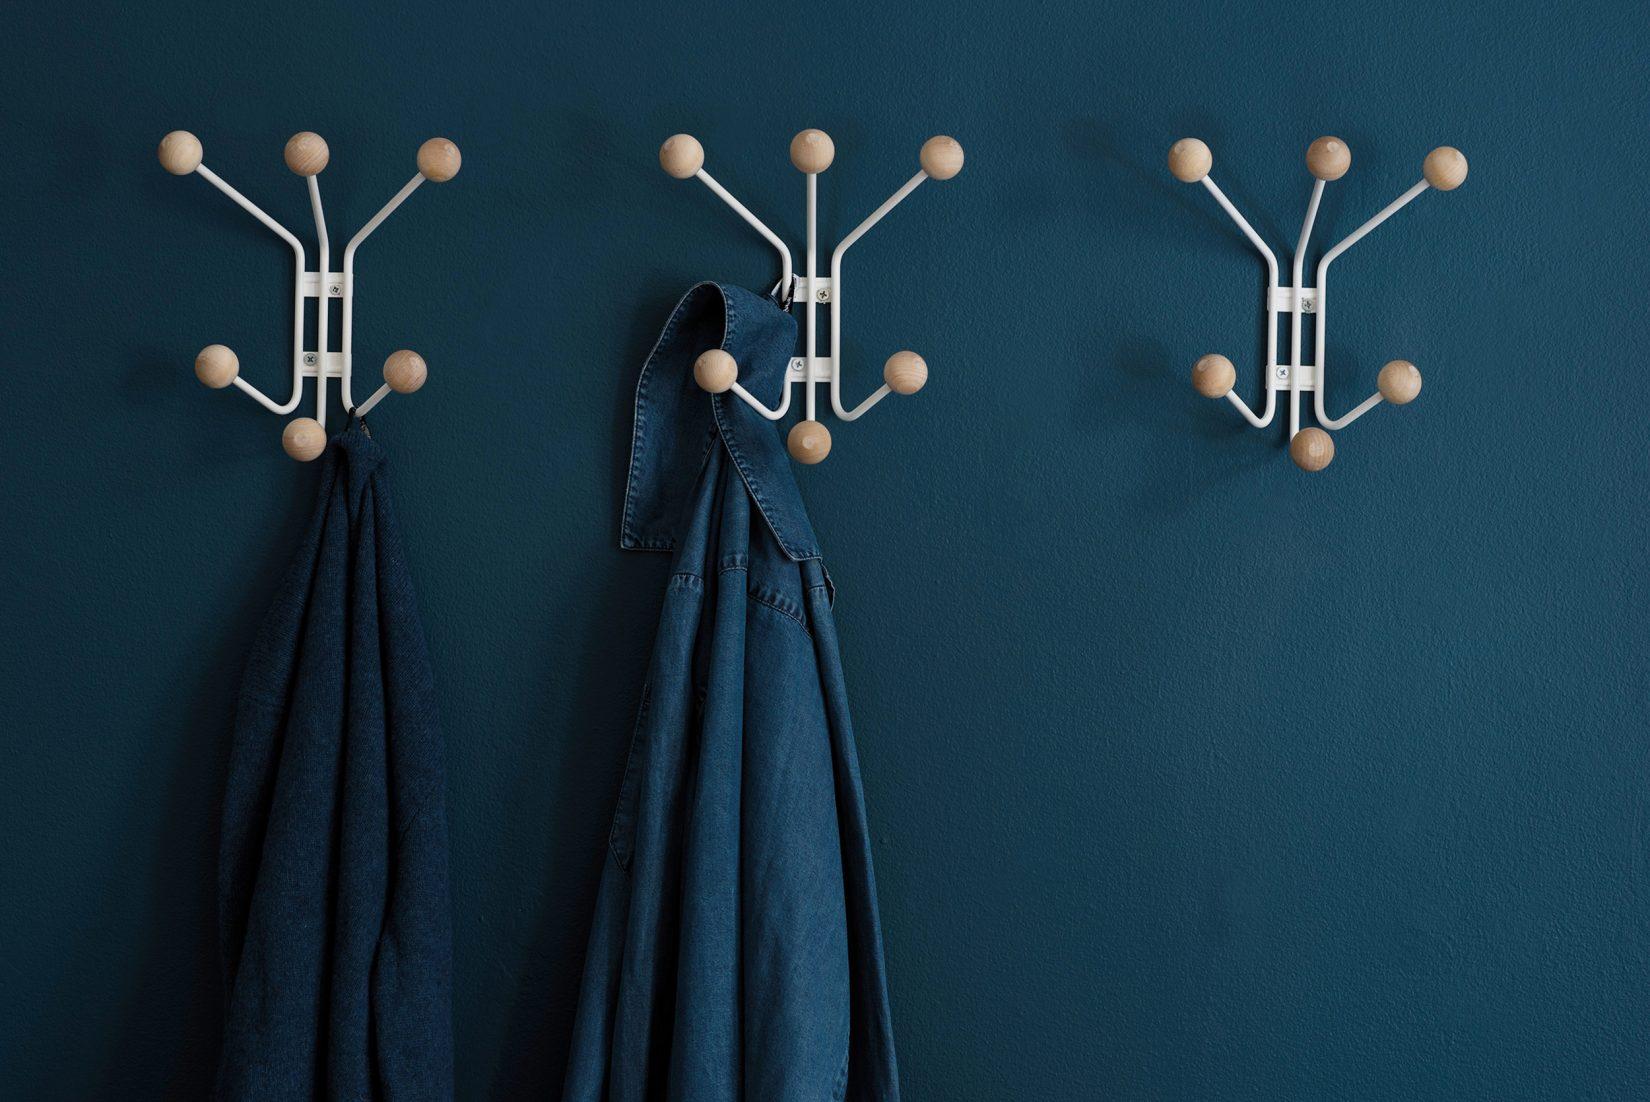 フック,hanger